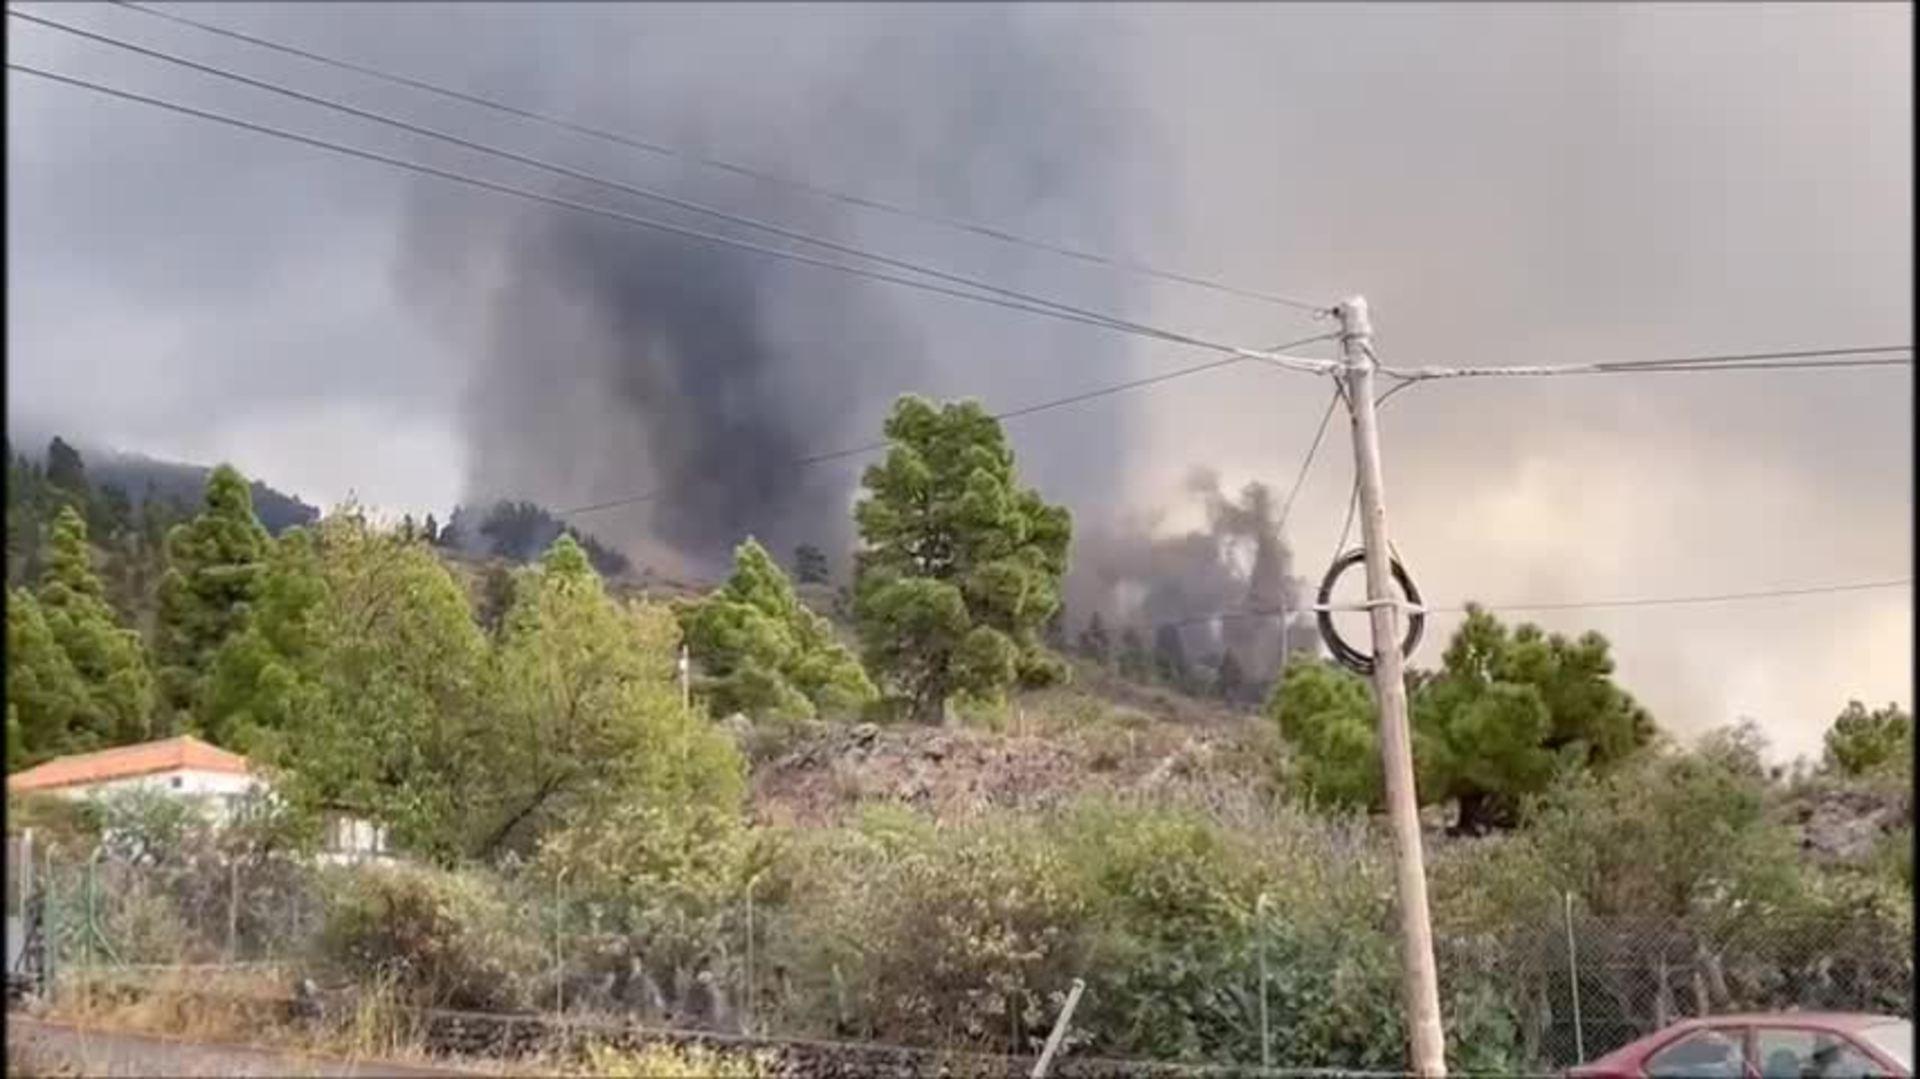 Los recursos de emergencias evacúan a la población en La Palma